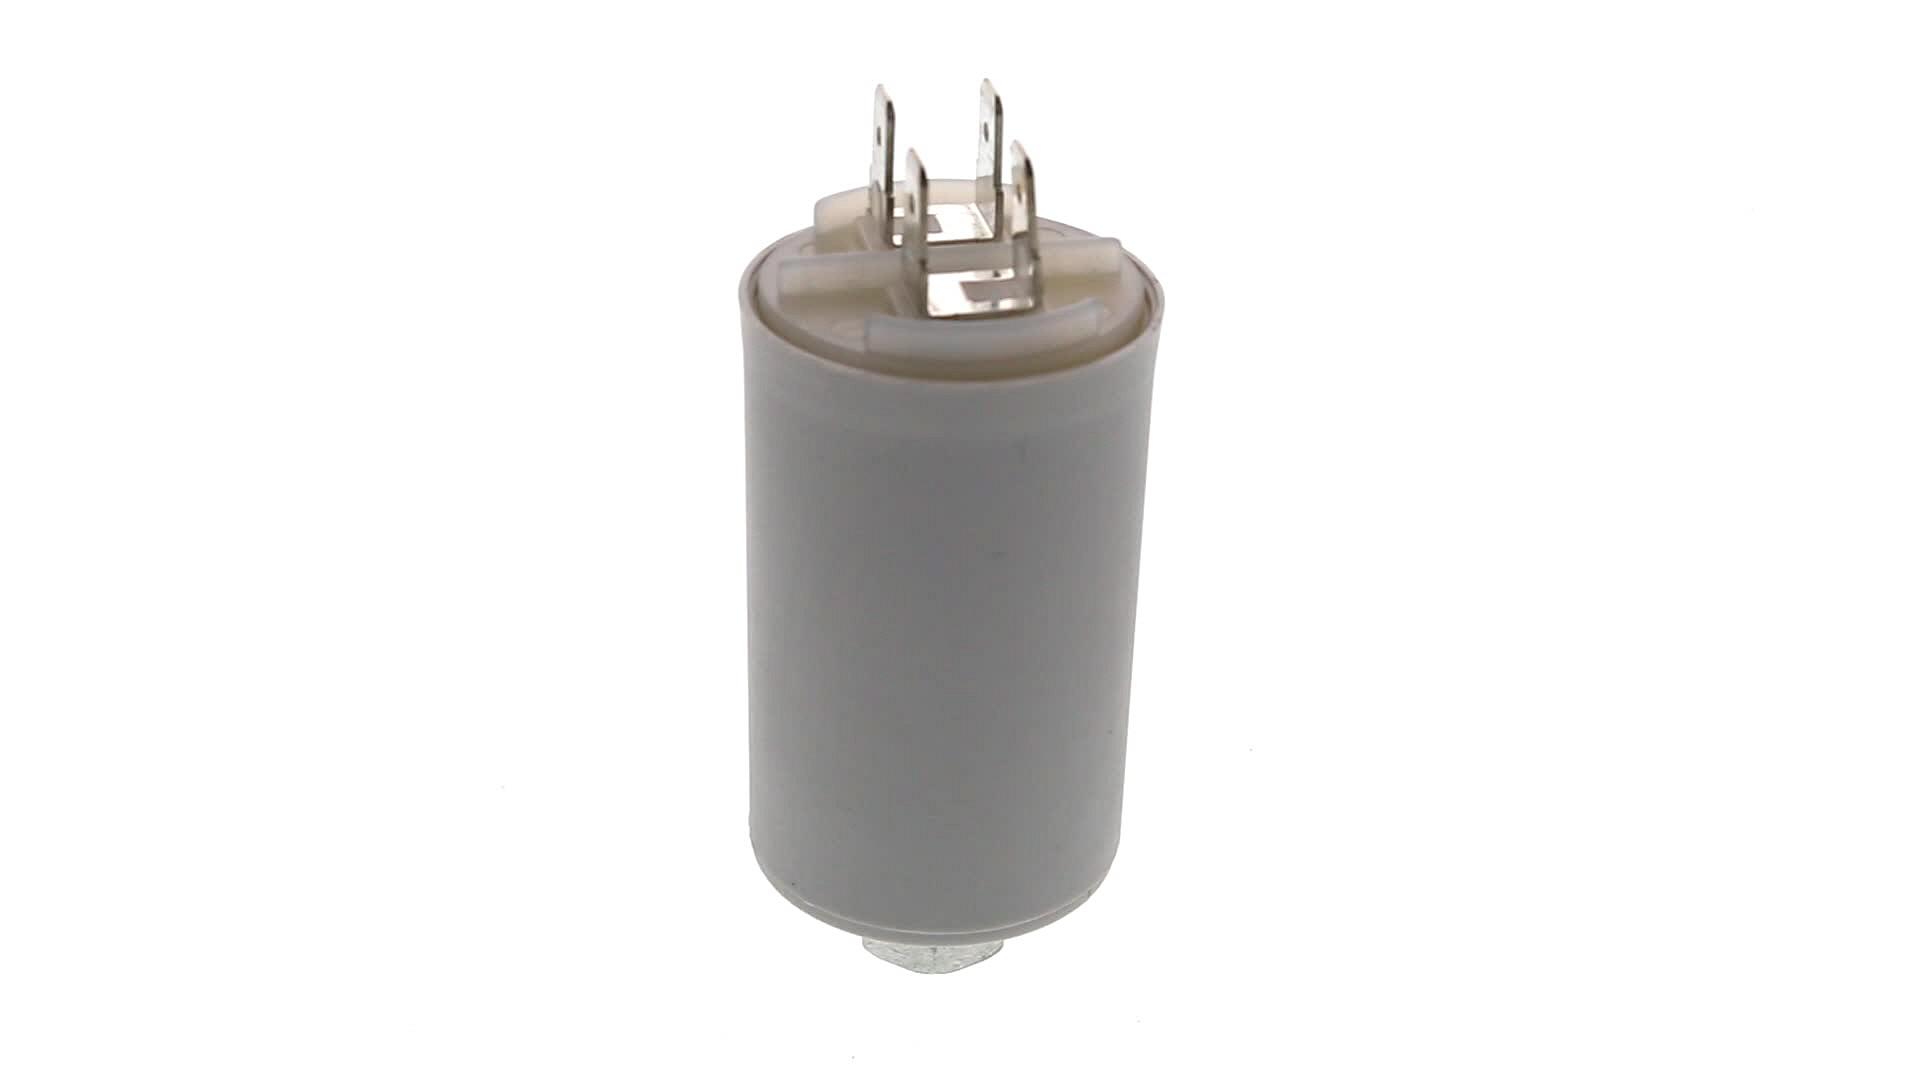 CONDENSATEUR LAVE-LINGE 10uF 450V - 2